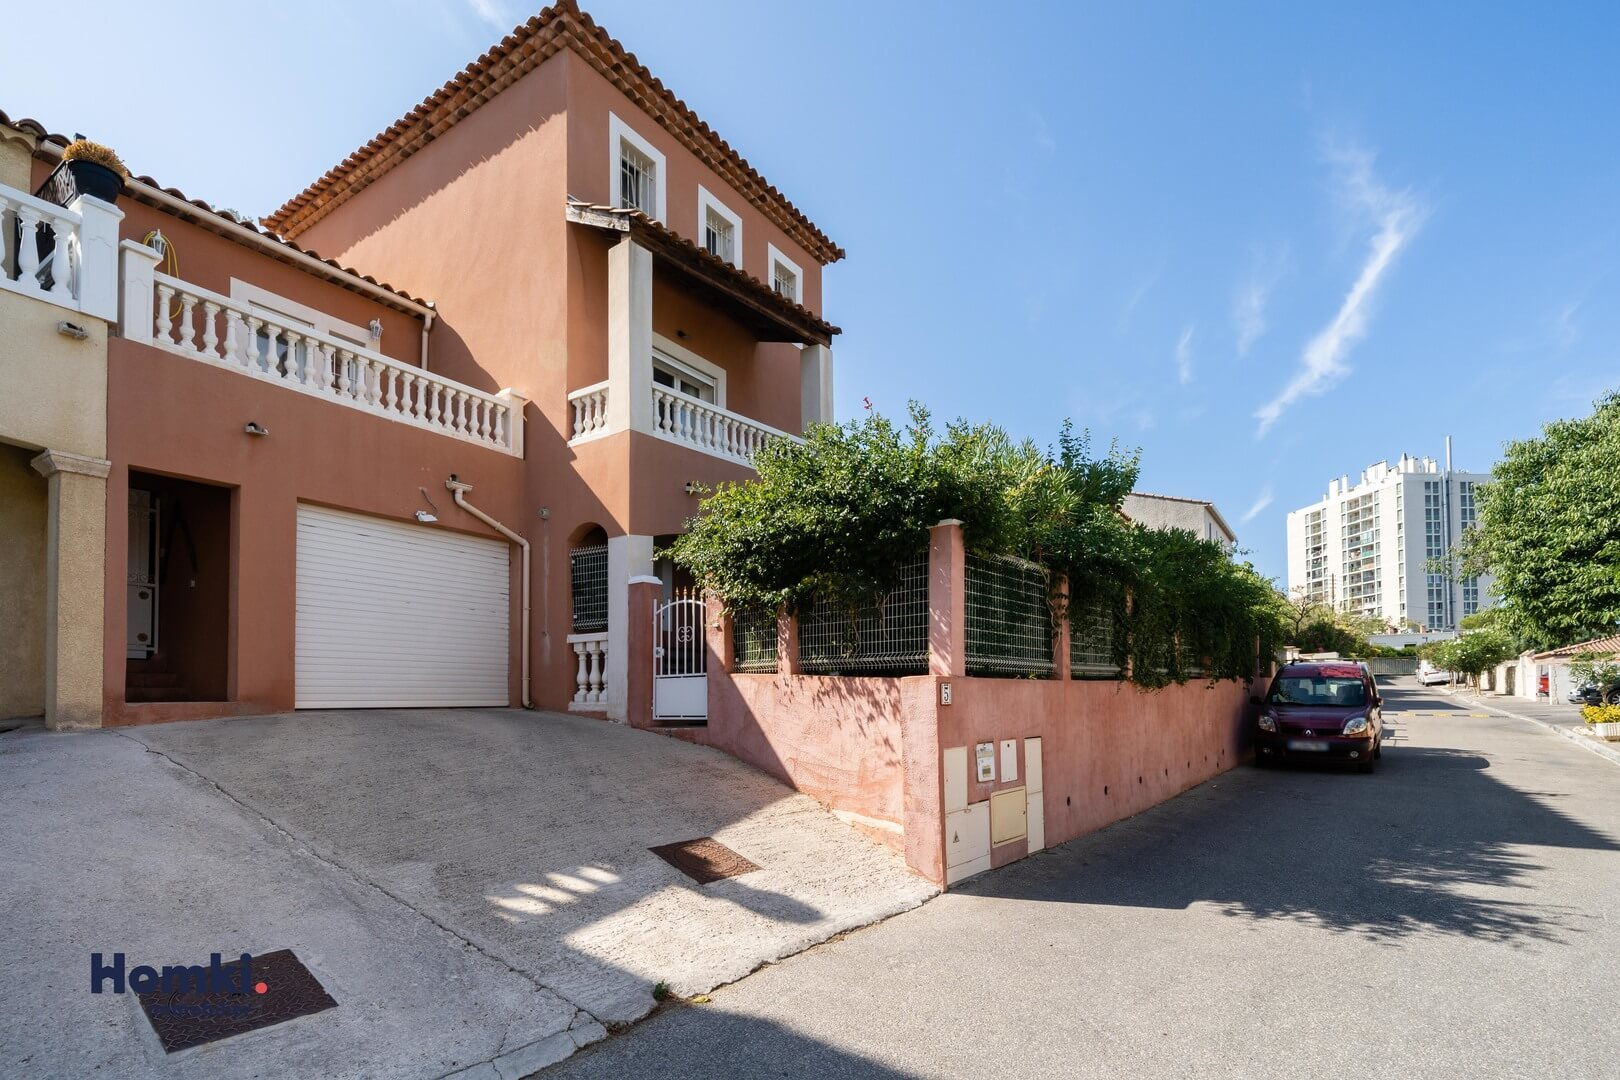 Vente Maison 105 m² T6 13011 Marseille_2